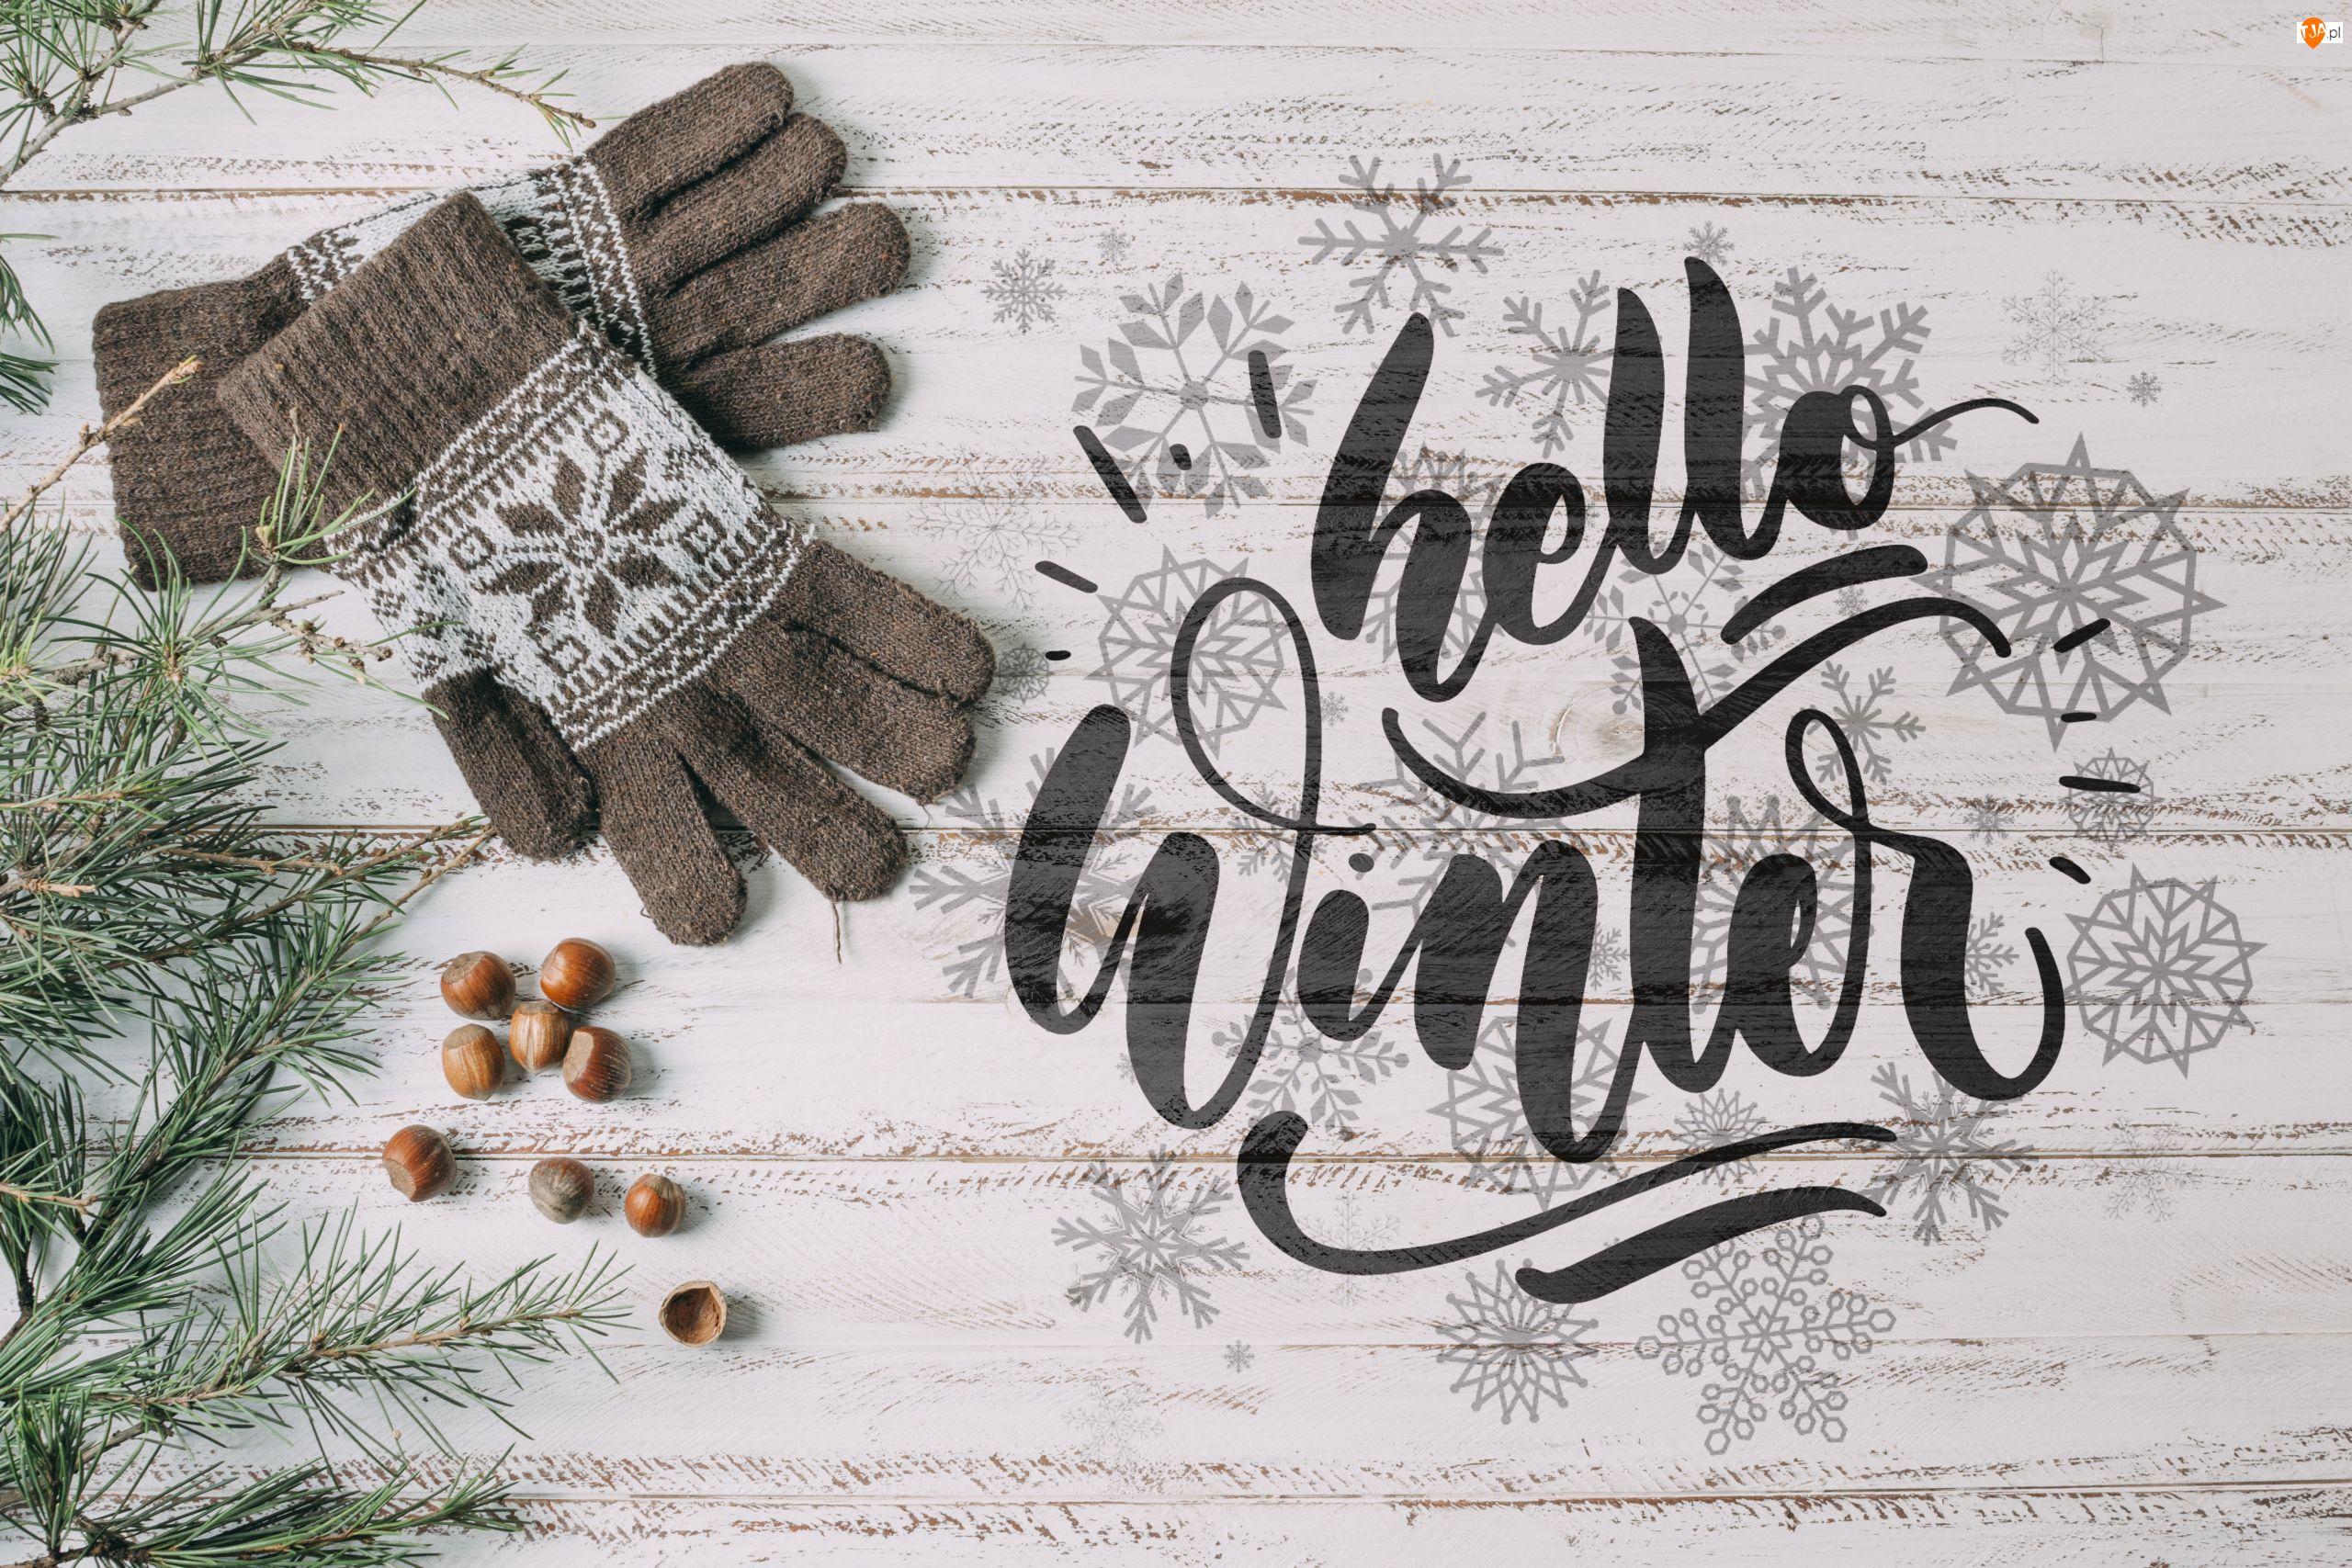 Gałązki, Rękawiczki, Śnieżynki, Zima, Orzechy, Napis